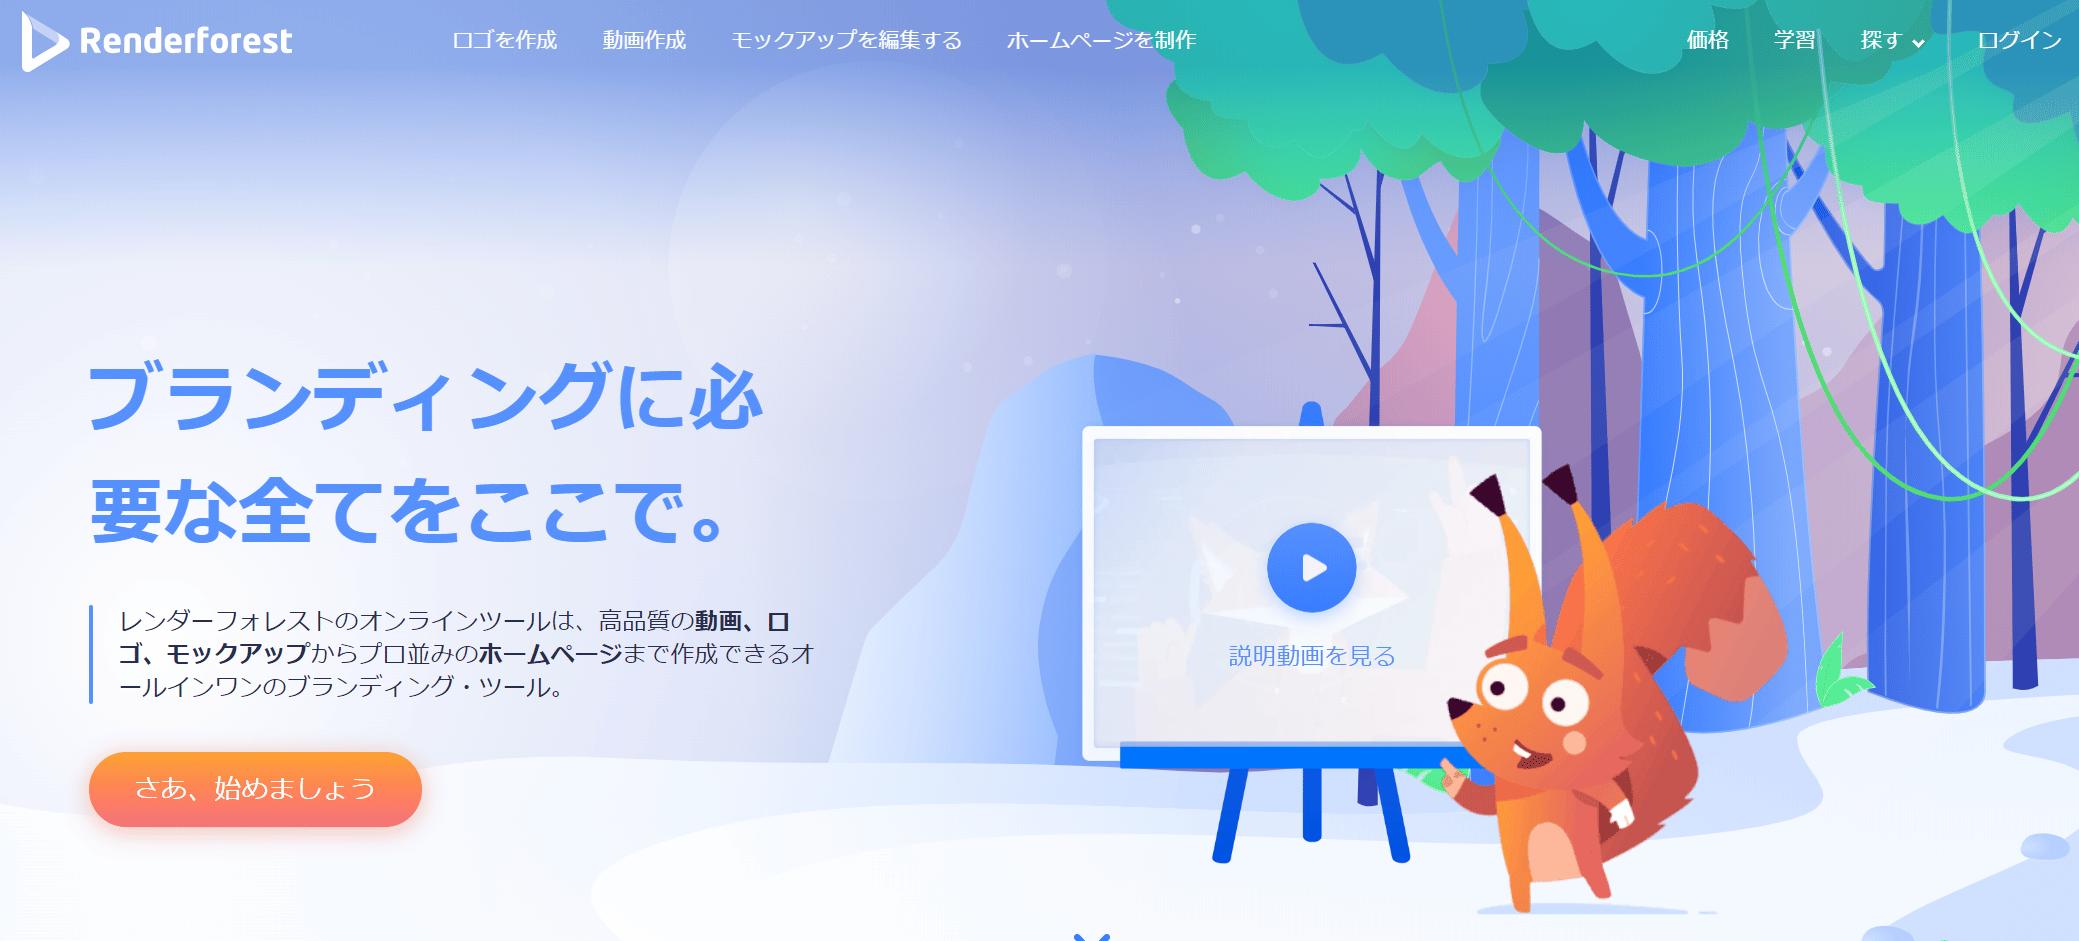 動画テンプレートがおすすめのサービス③:Renderforest